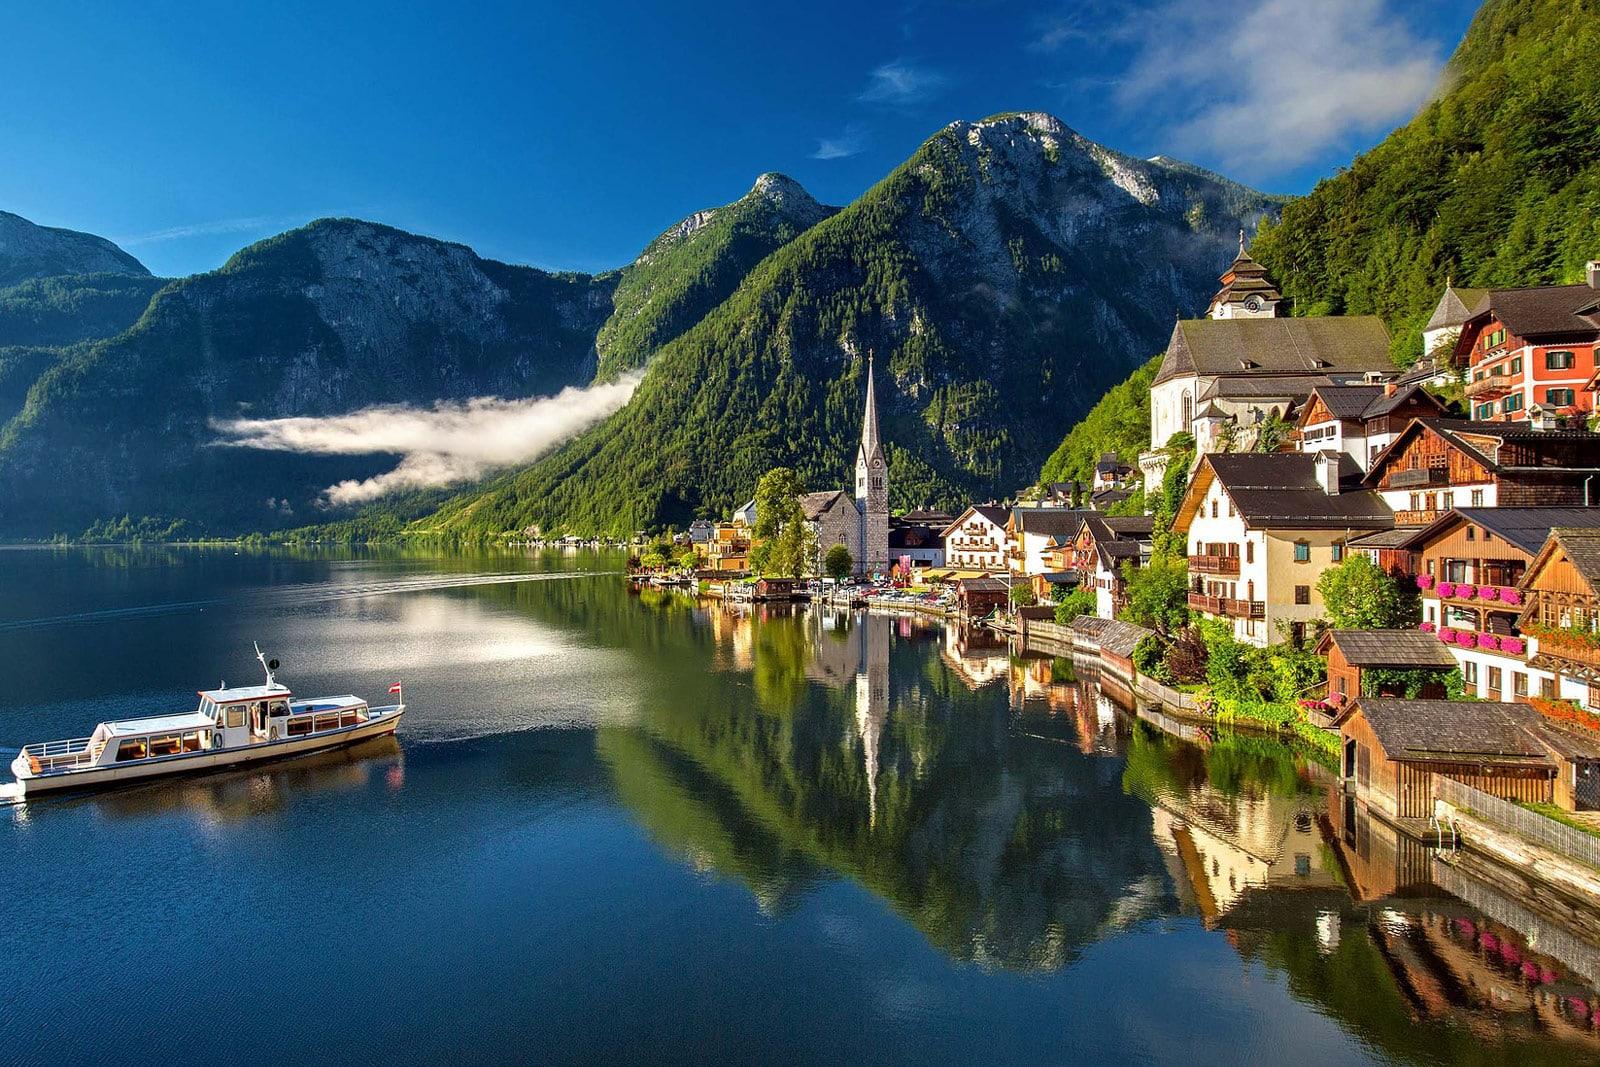 Hallstatt Österreich Zentraleuropa